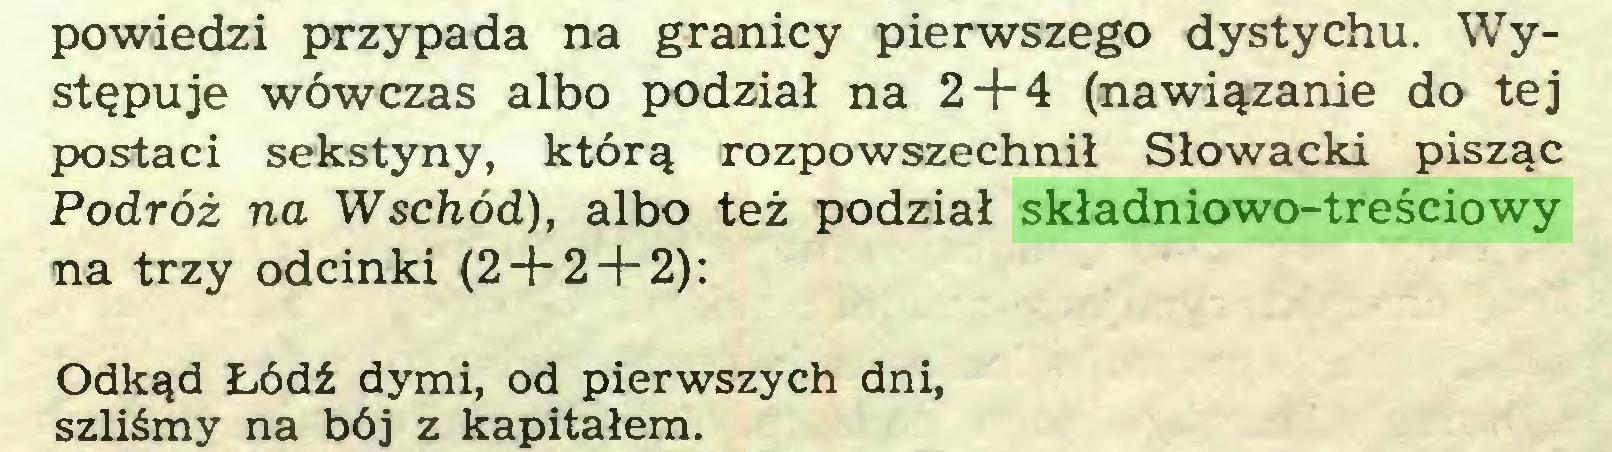 (...) powiedzi przypada na granicy pierwszego dystychu. Występuje wówczas albo podział na 2 + 4 (nawiązanie do tej postaci sekstyny, którą rozpowszechnił Słowacki pisząc Podróż na Wschód), albo też podział składniowo-treściowy na trzy odcinki (2 + 2 + 2): Odkąd Łódź dymi, od pierwszych dni, szliśmy na bój z kapitałem...